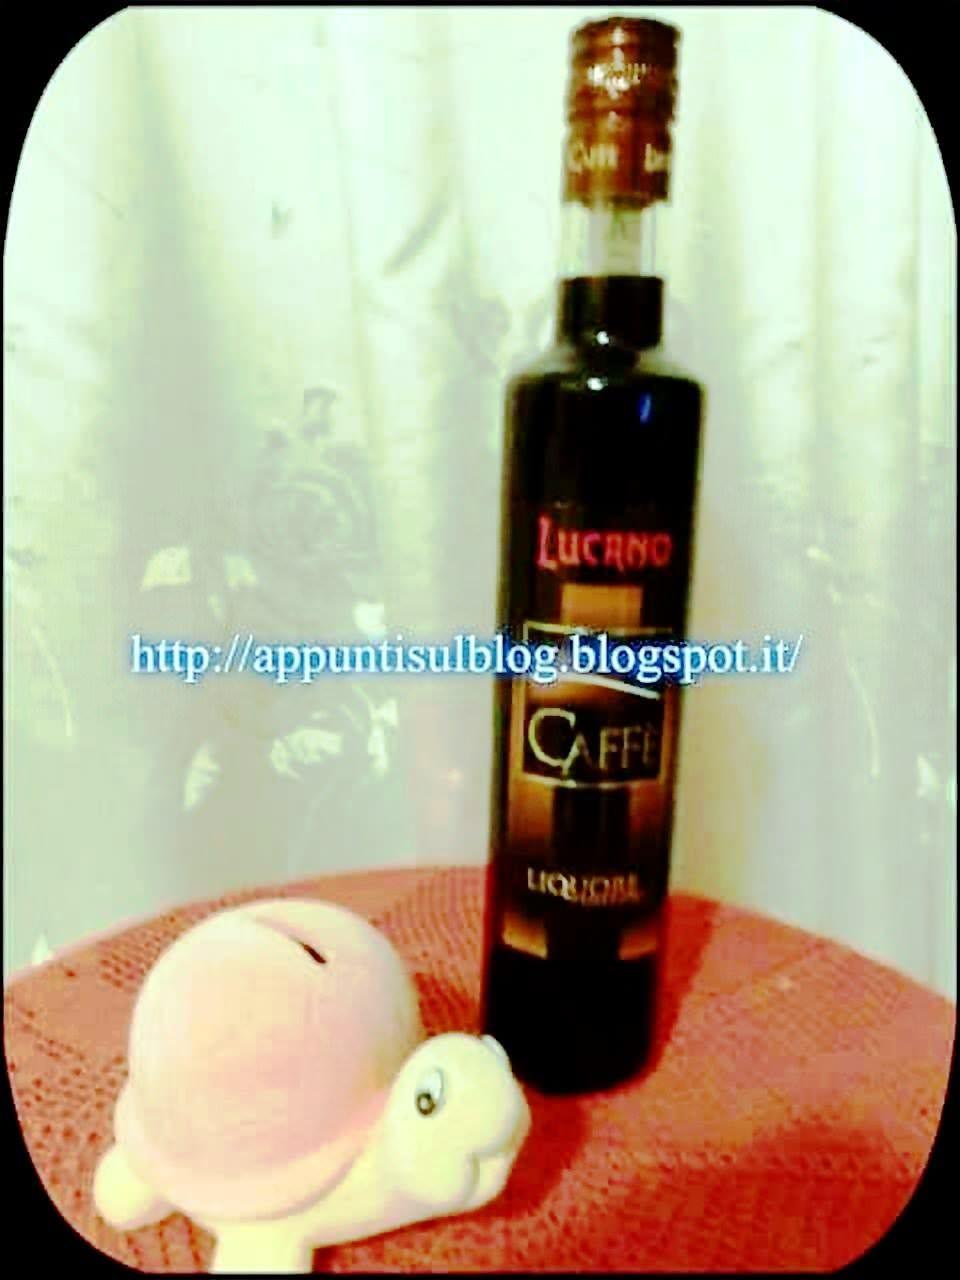 Liquori Lucano, voglio il meglio dalla vita 3 Amaro Lucano